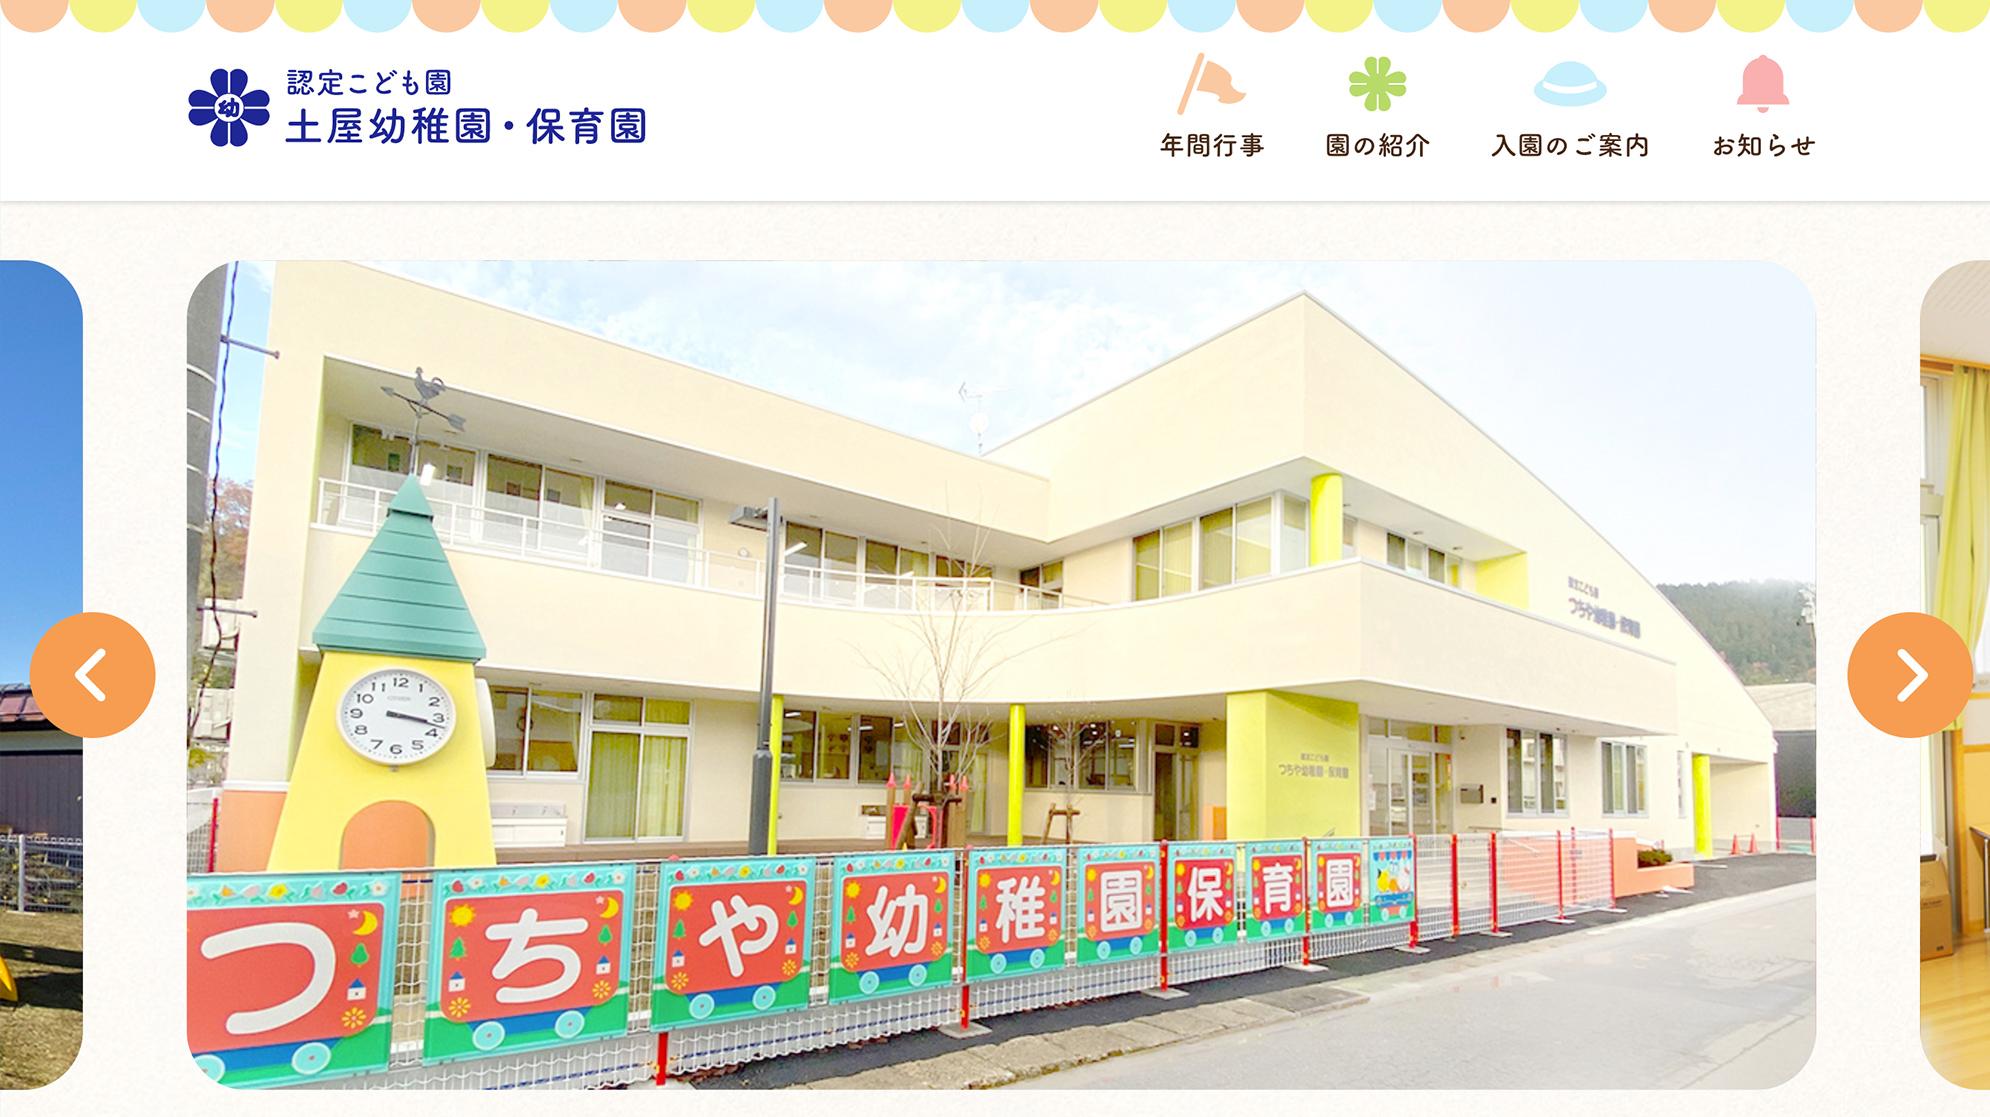 認定こども園 土屋幼稚園・保育園様のサイトイメージ